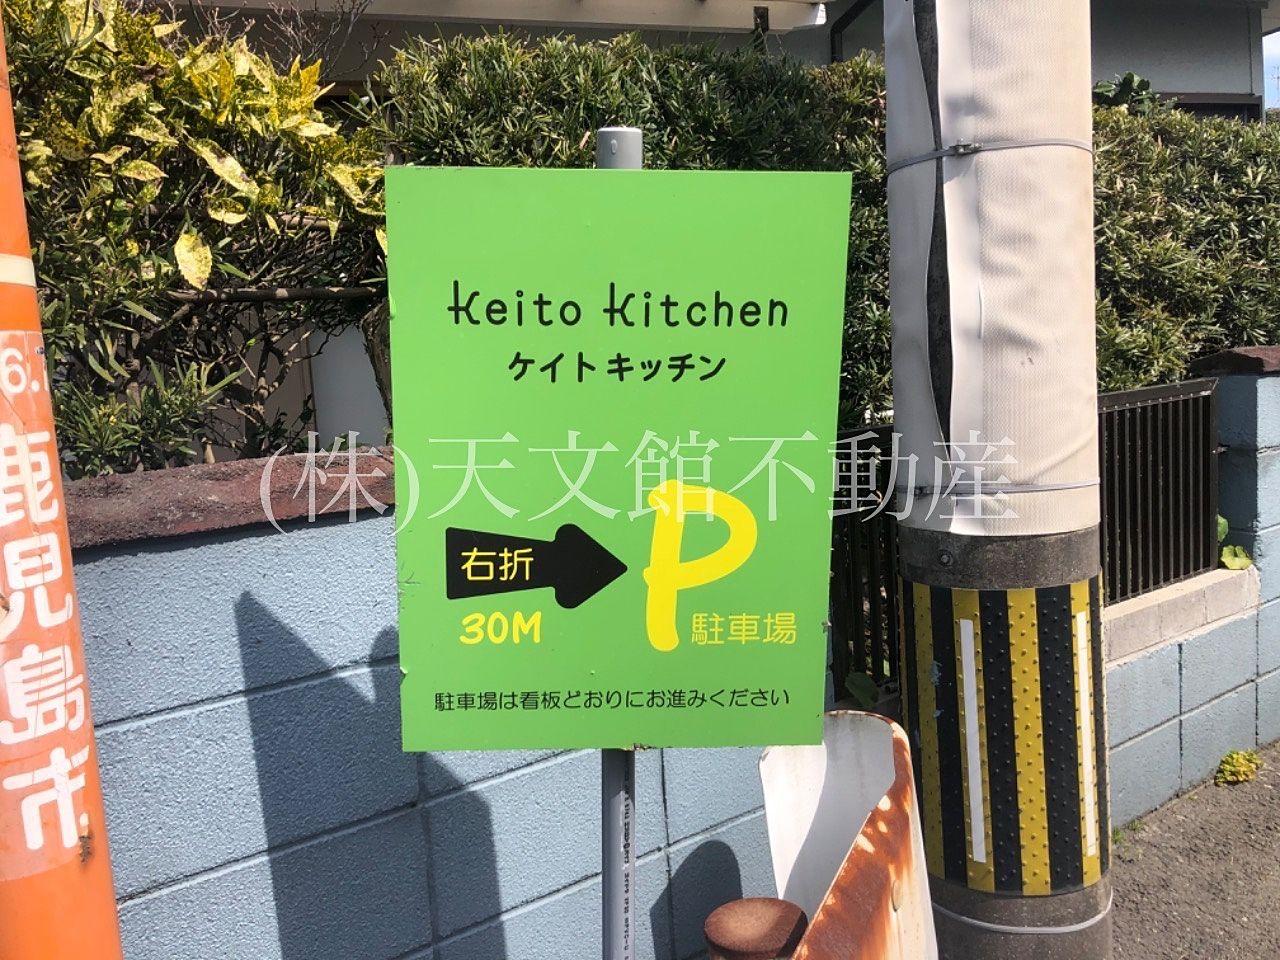 鹿児島市吉野町「ケイトキッチン」の駐車場案内看板ですが道の途中に並んでいてとてもわかりやすいです。